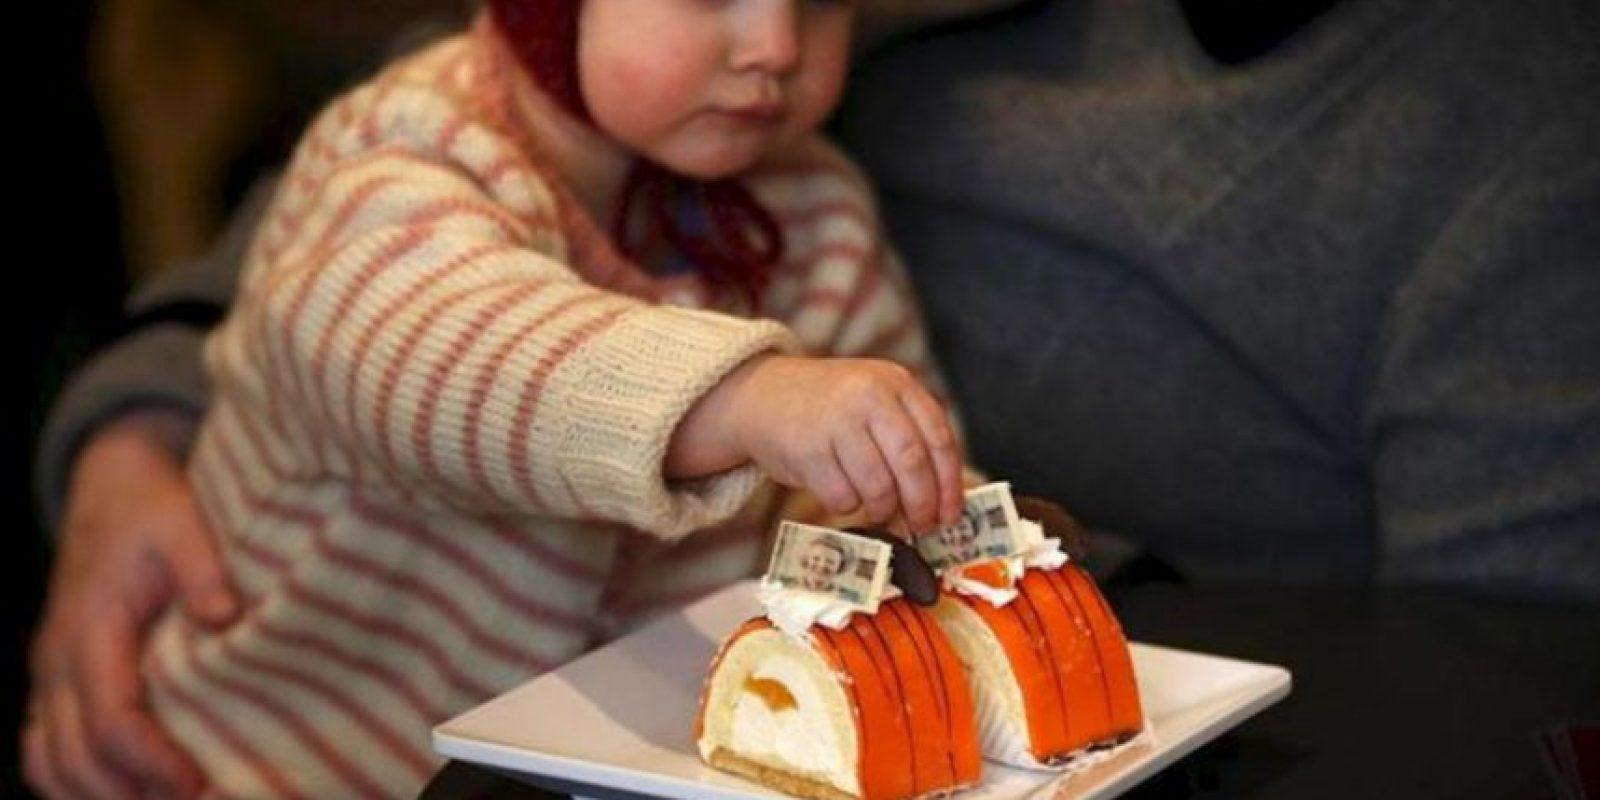 Una niña come un pastel de naranja con la fotografía de la reina Beatriz de Holanda, en una pastelería de Leeuwarden, Holanda, el 29 de enero de 2013. EFE